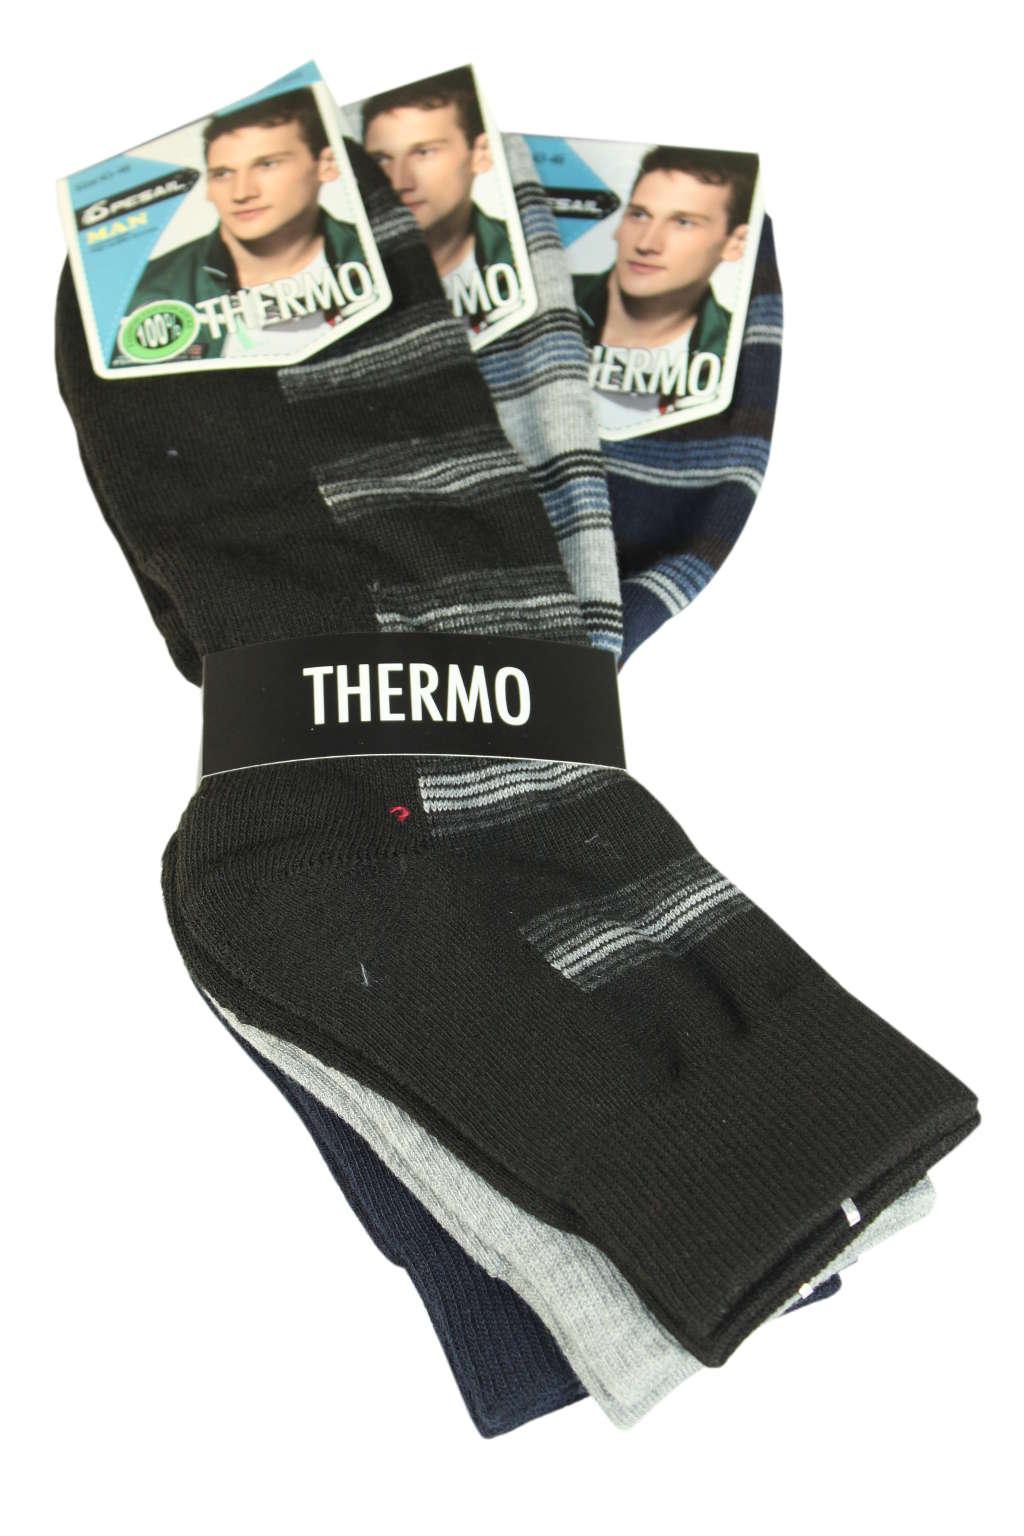 Thermo pánské ponožky - trojbal 43-46 MIX